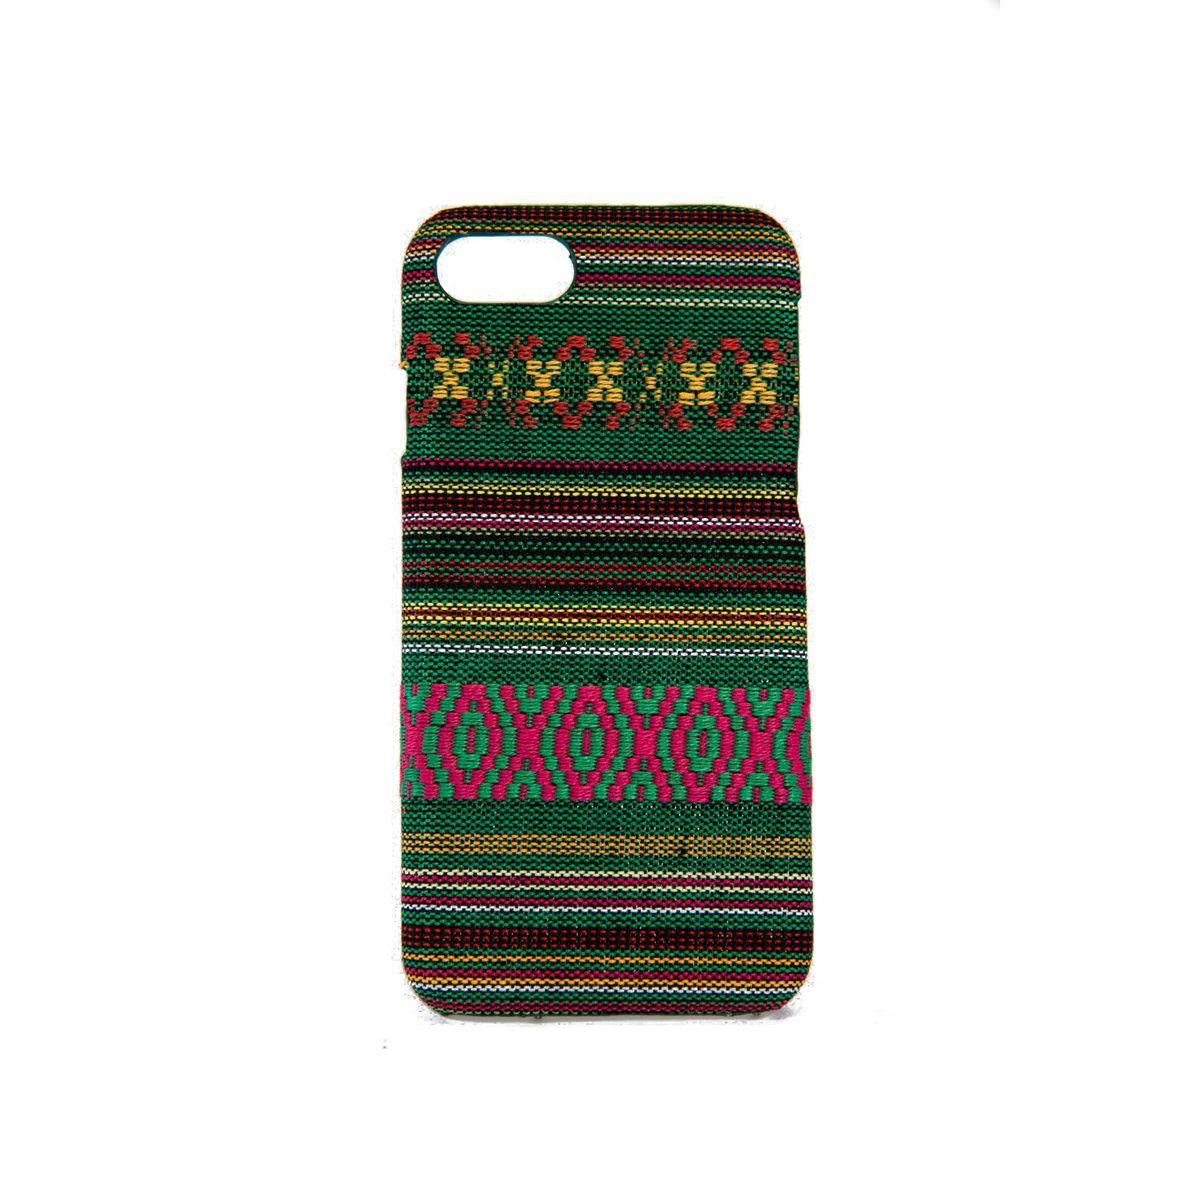 Handyhülle aus Stoff-Case für Apple iPhone SE 2020 Cover Etuis Bumper Schale Grün